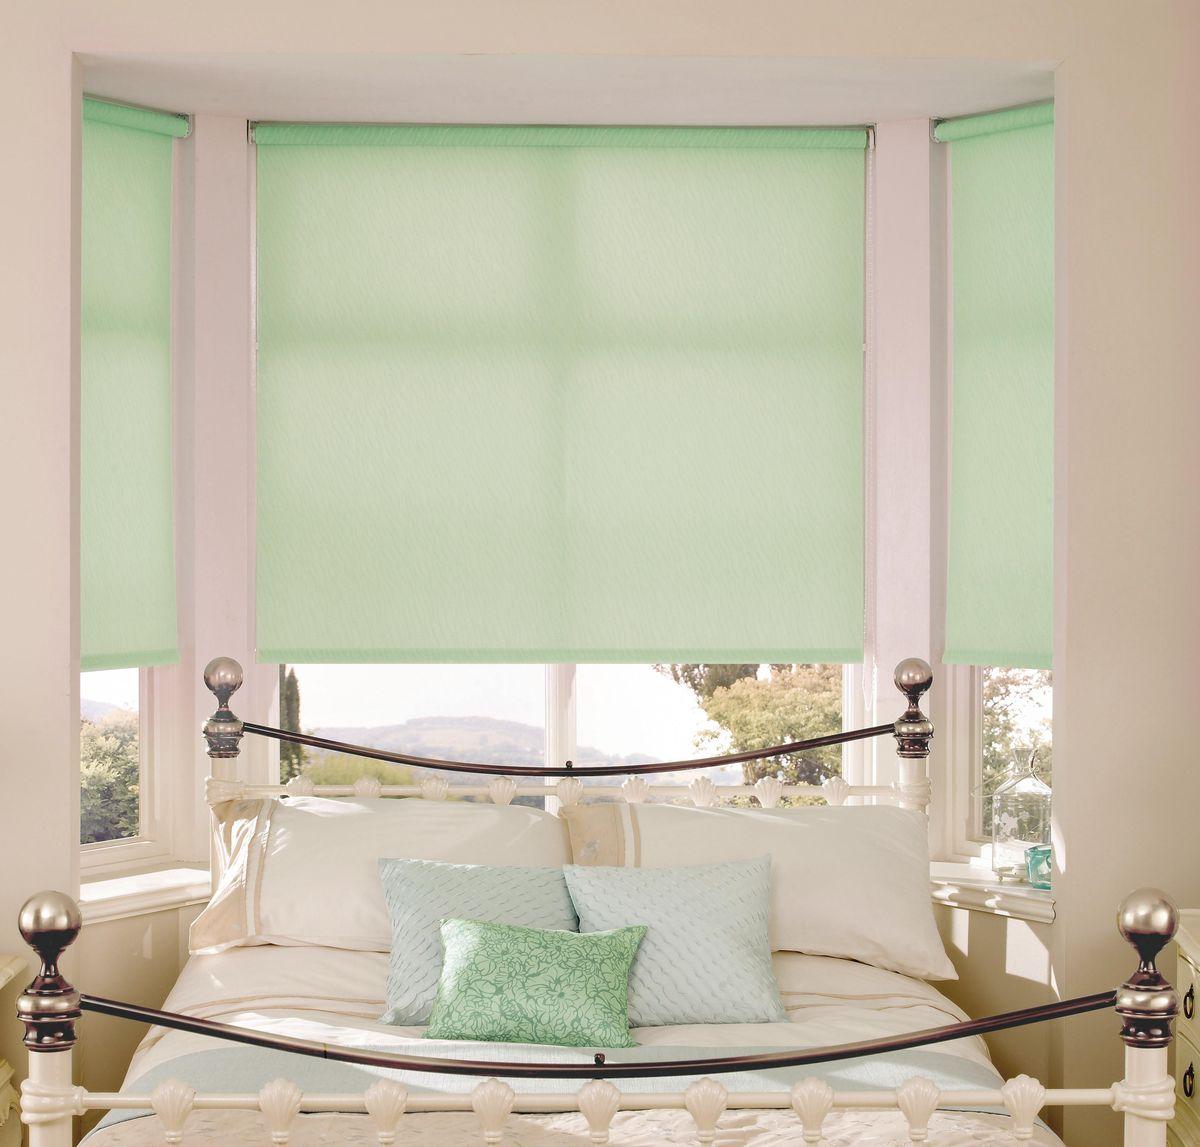 Штора рулонная Эскар, цвет: светло-зеленый, ширина 120 см, высота 170 см10503Рулонными шторами можно оформлять окна как самостоятельно, так и использовать в комбинации с портьерами. Это поможет предотвратить выгорание дорогой ткани на солнце и соединит функционал рулонных с красотой навесных.Преимущества применения рулонных штор для пластиковых окон:- имеют прекрасный внешний вид: многообразие и фактурность материала изделия отлично смотрятся в любом интерьере; - многофункциональны: есть возможность подобрать шторы способные эффективно защитить комнату от солнца, при этом о на не будет слишком темной. - Есть возможность осуществить быстрый монтаж. ВНИМАНИЕ! Размеры ширины изделия указаны по ширине ткани!Во время эксплуатации не рекомендуется полностью разматывать рулон, чтобы не оторвать ткань от намоточного вала.В случае загрязнения поверхности ткани, чистку шторы проводят одним из способов, в зависимости от типа загрязнения: легкое поверхностное загрязнение можно удалить при помощи канцелярского ластика; чистка от пыли производится сухим методом при помощи пылесоса с мягкой щеткой-насадкой; для удаления пятна используйте мягкую губку с пенообразующим неагрессивным моющим средством или пятновыводитель на натуральной основе (нельзя применять растворители).